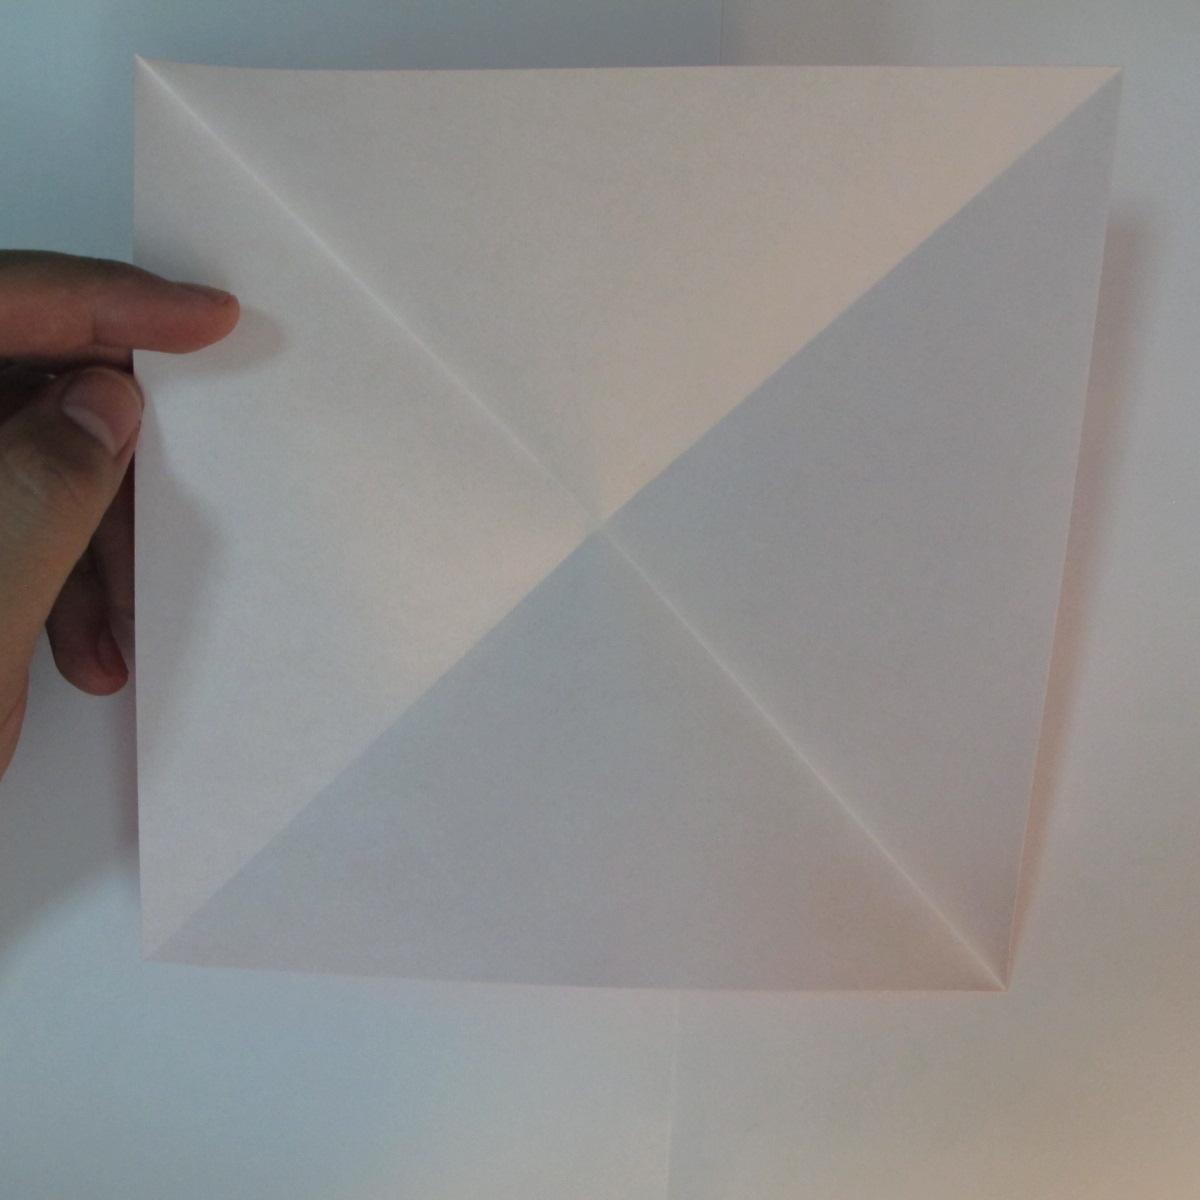 วิธีพับกระดาษพับดอกกุหลาบ 002